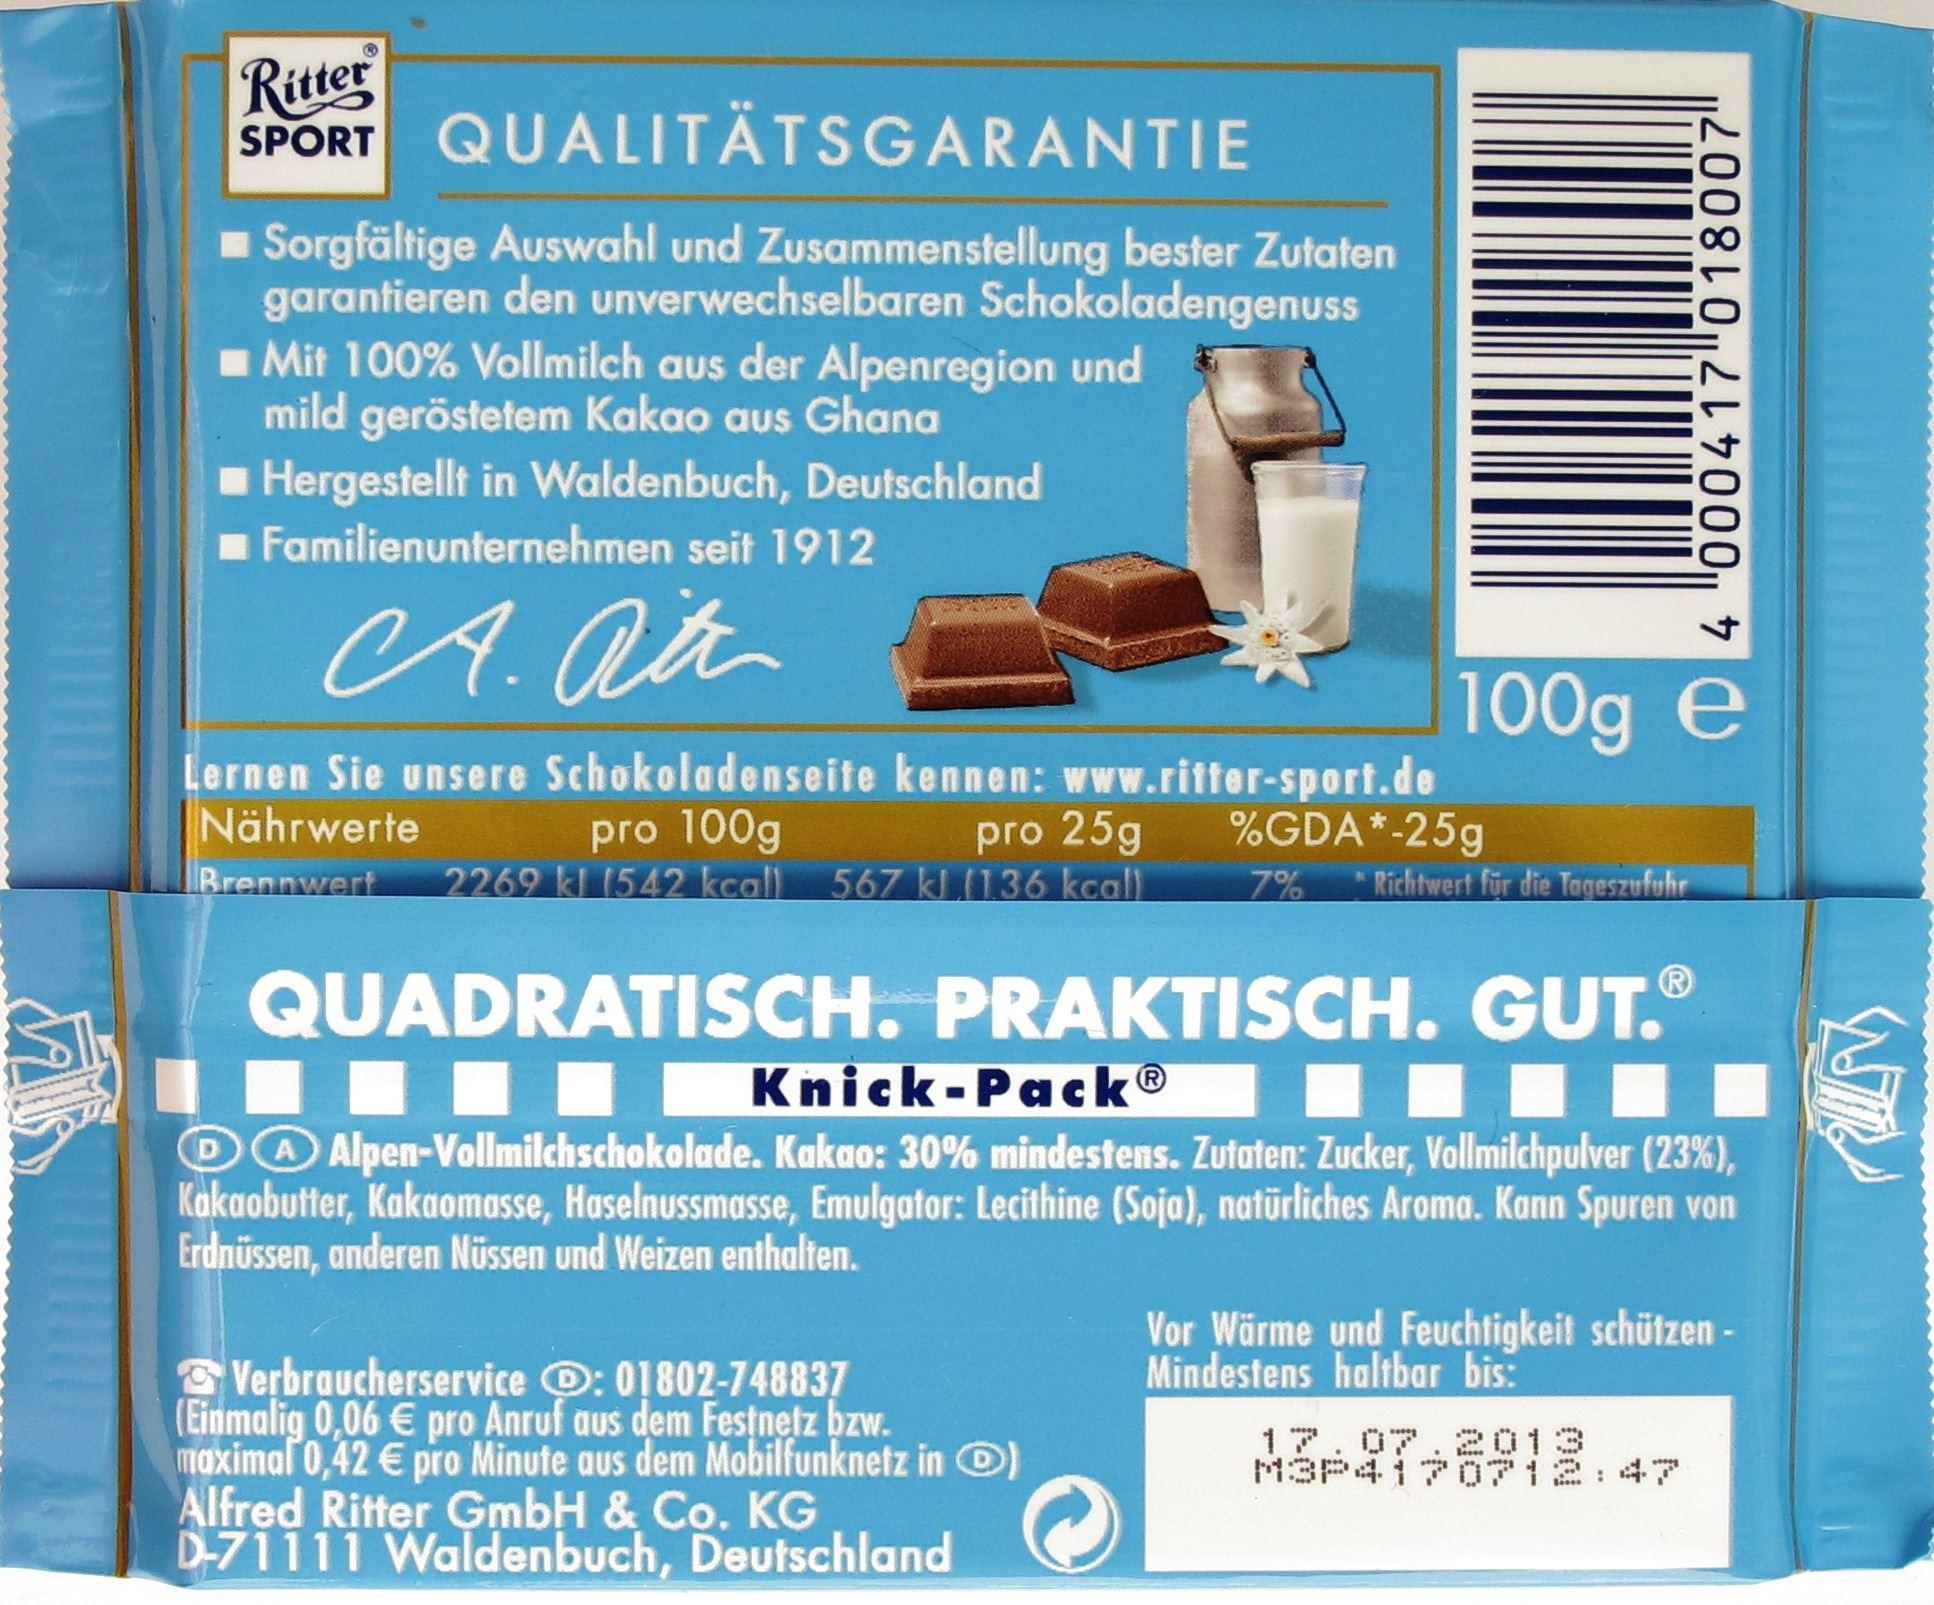 Ritter-Sport Alpenmilch: Rückseite